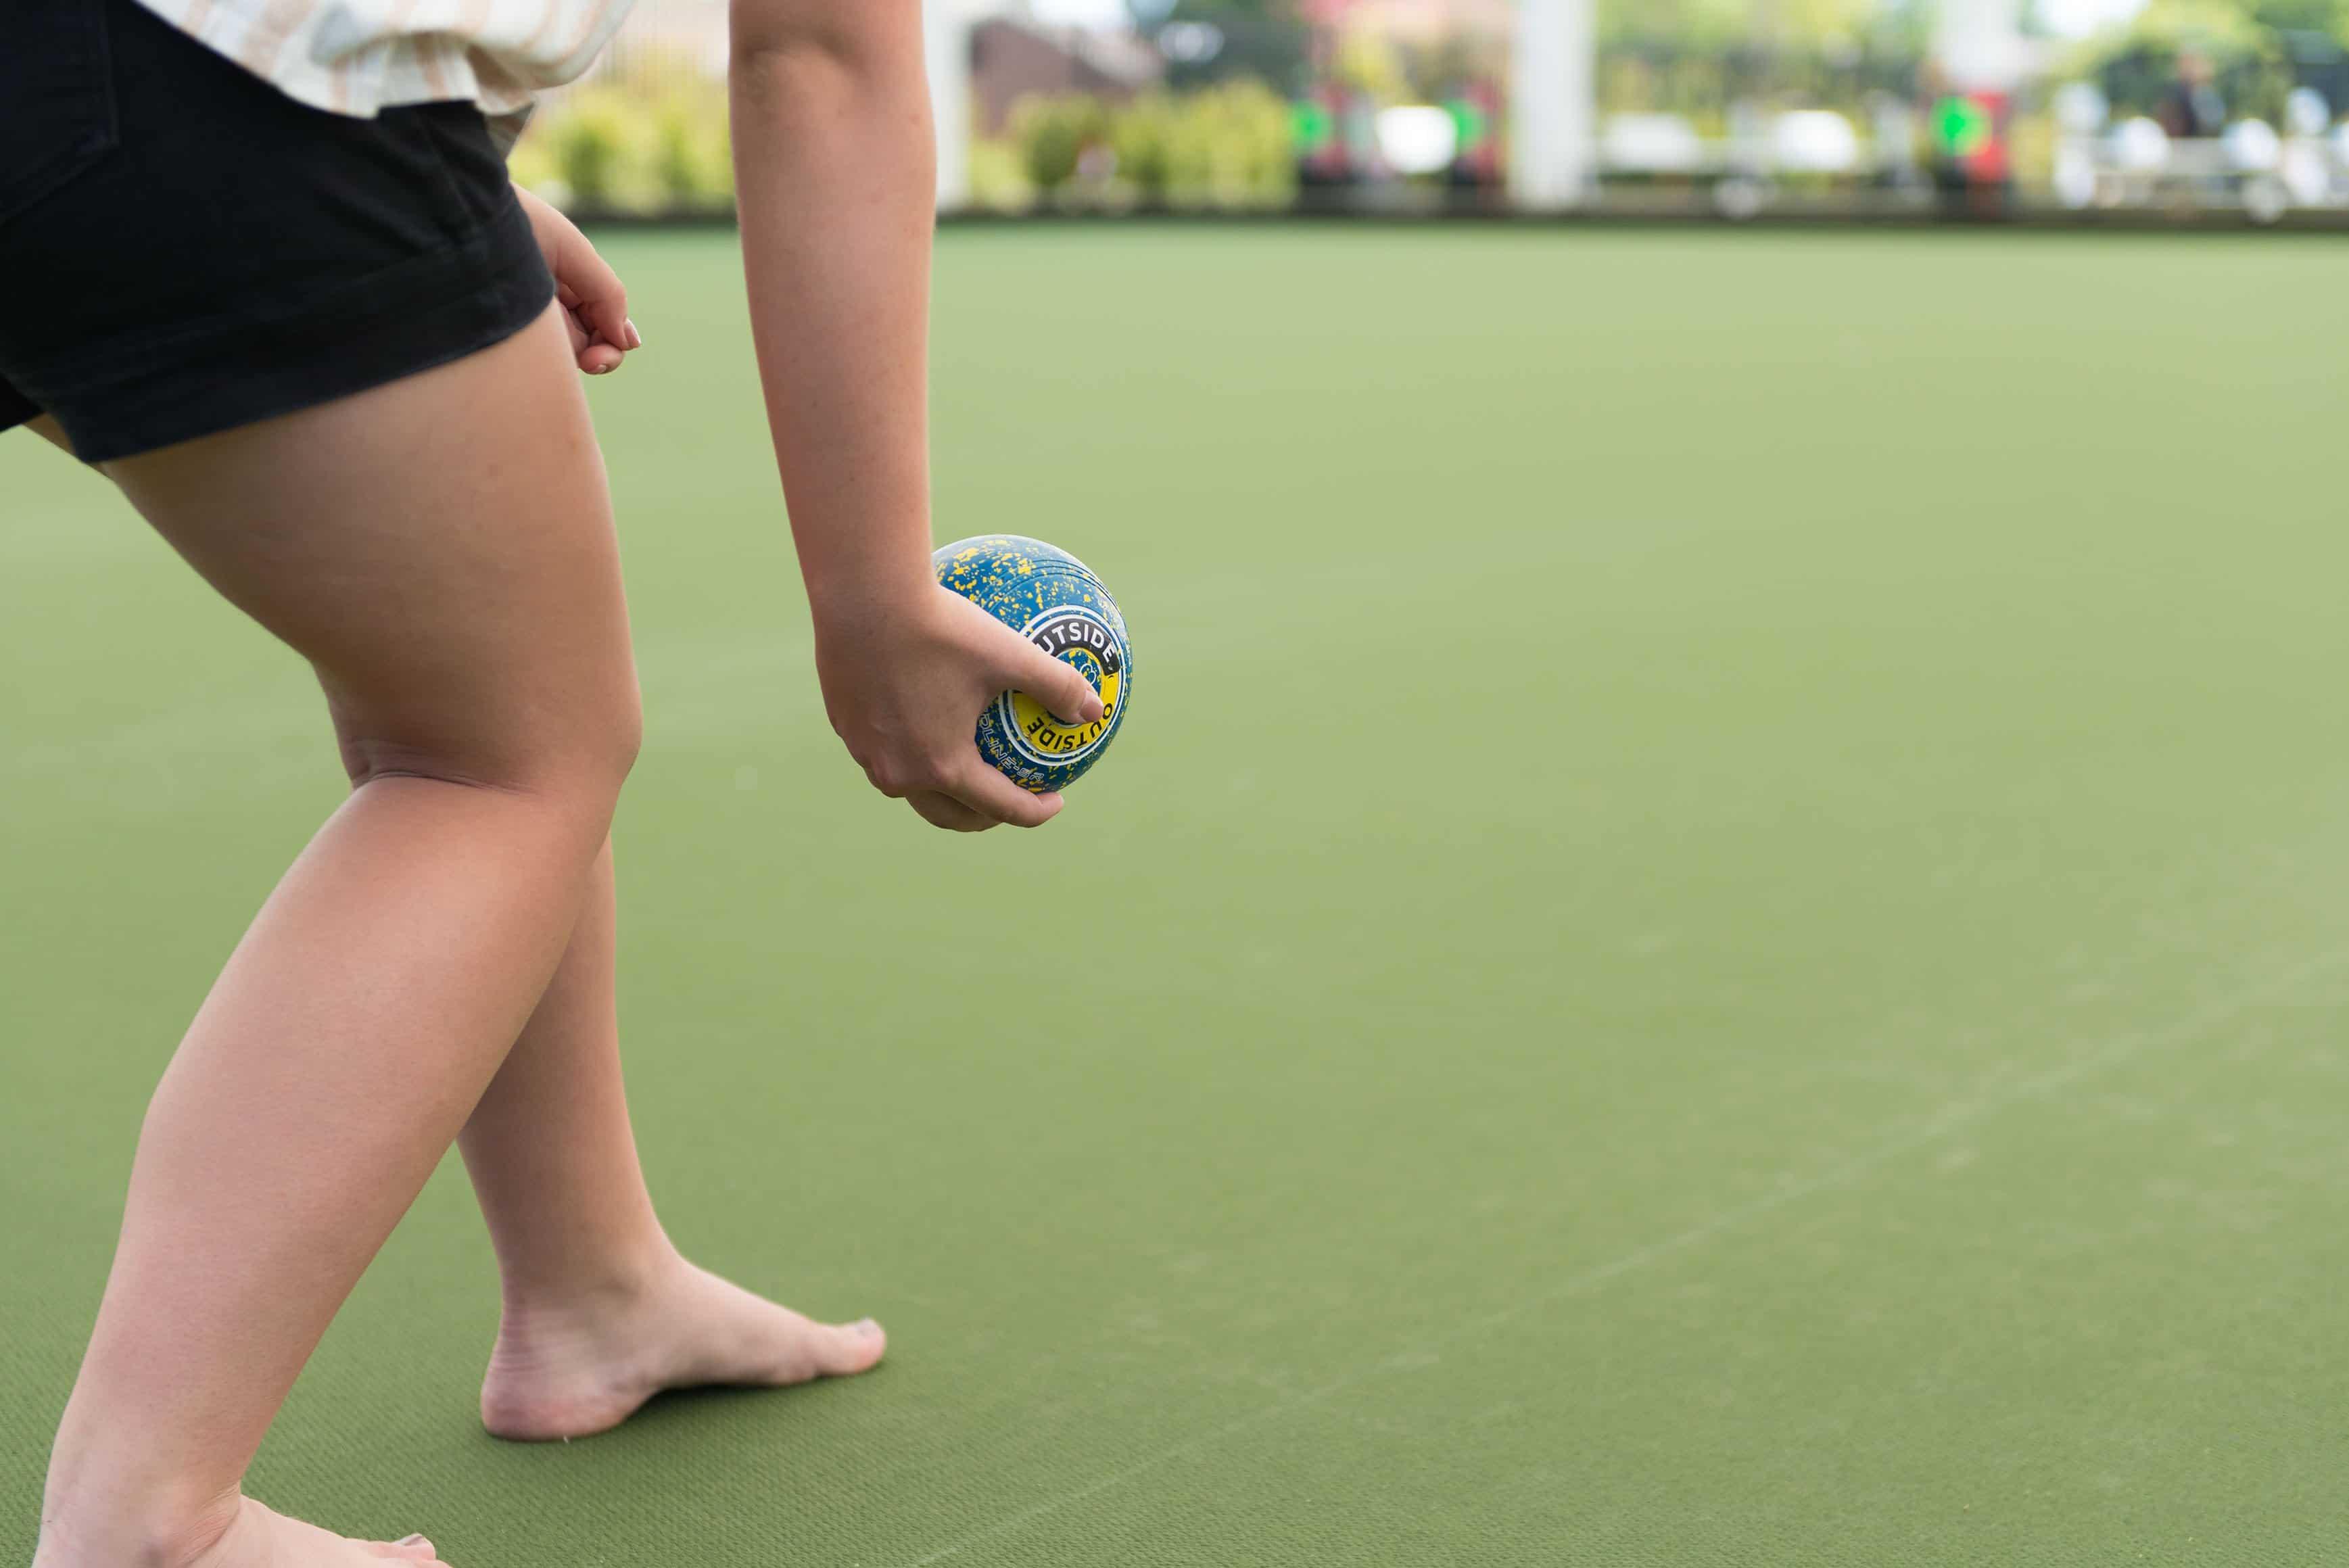 barefoot bowls at the greens